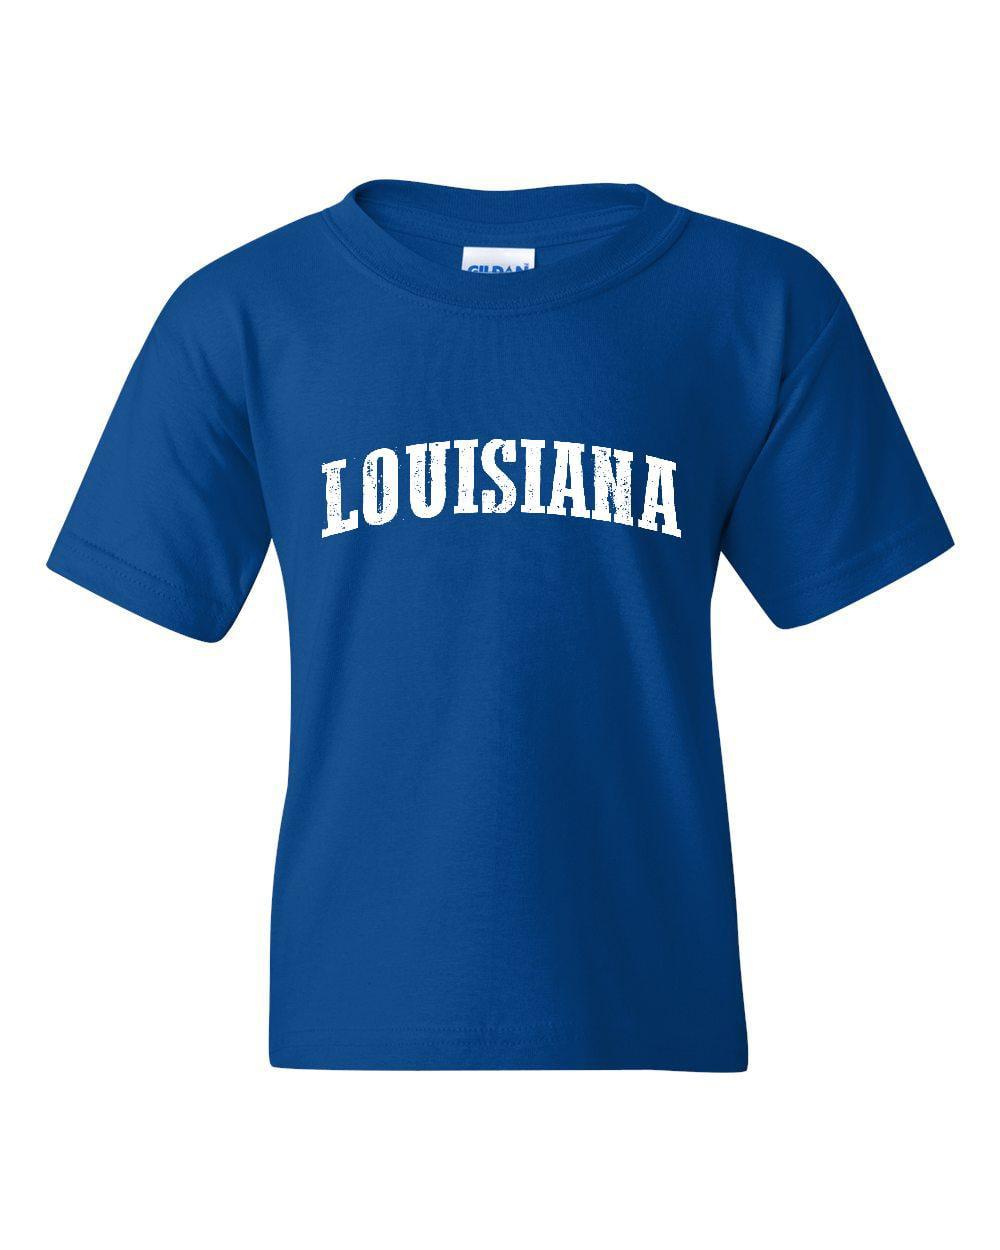 J_H_I LA Map New Orleans Flag Baton Rouge Home of University of Louisiana  Unisex Youth Shirts